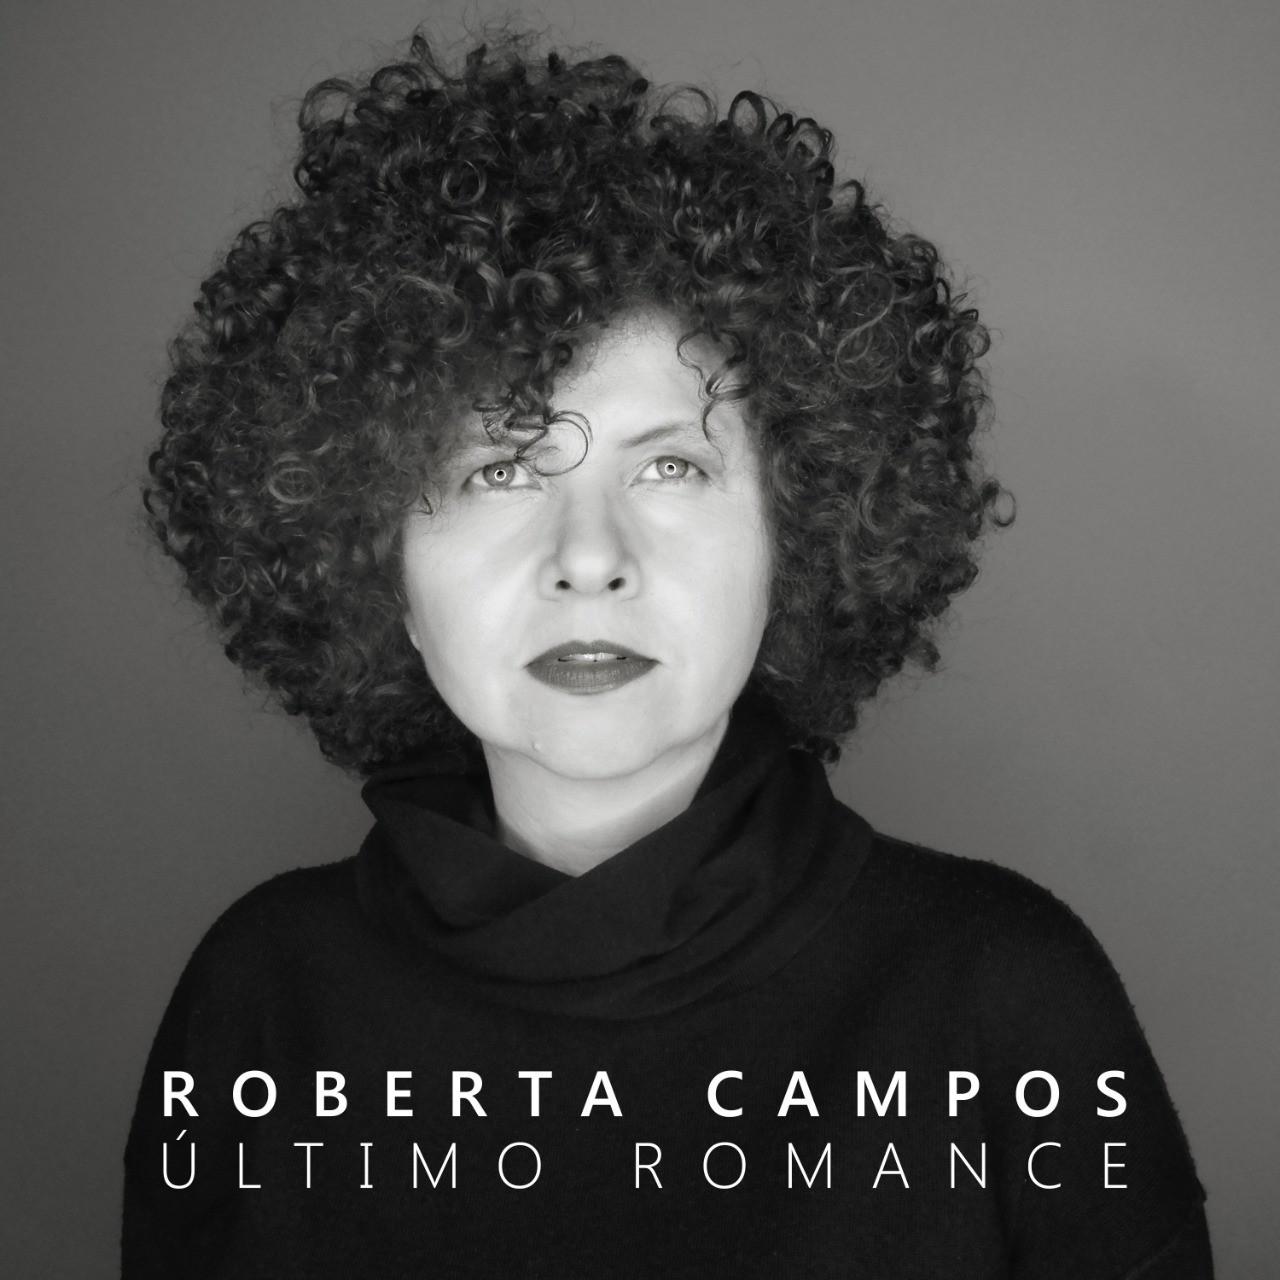 Roberta Campos revive 'Último romance' da banda Los Hermanos